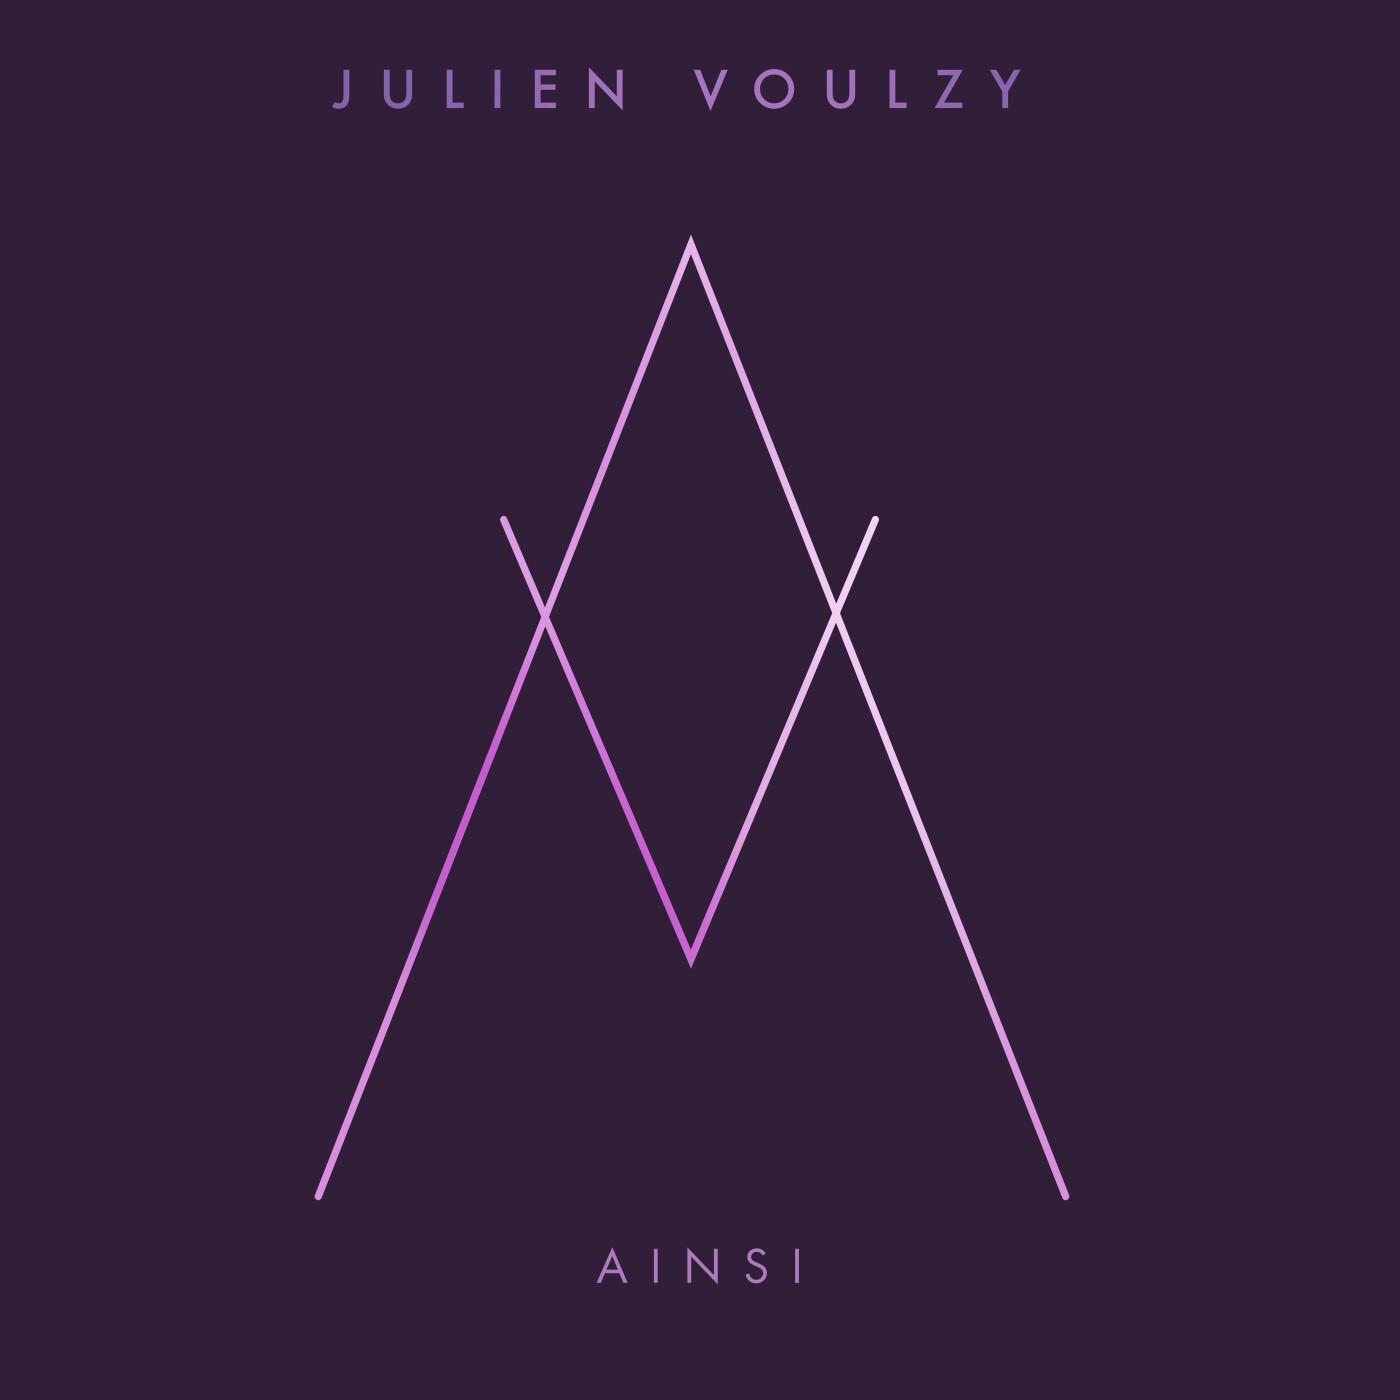 """Artiste du jour : Julien Voulzy présente """"Ainsi"""" - 04 06 2021 - StereoChic Radio"""